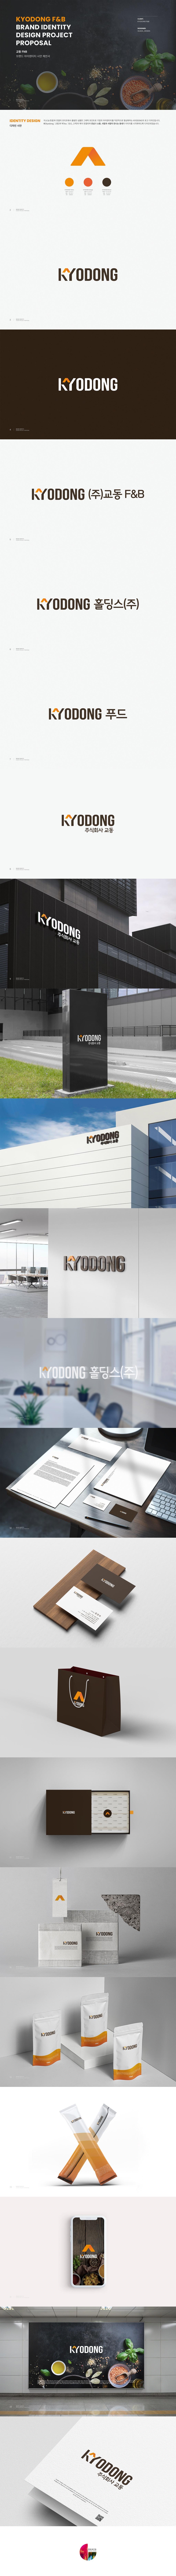 브랜딩 SET | 교동 FNB 로고 디자인 의뢰 | 라우드소싱 포트폴리오